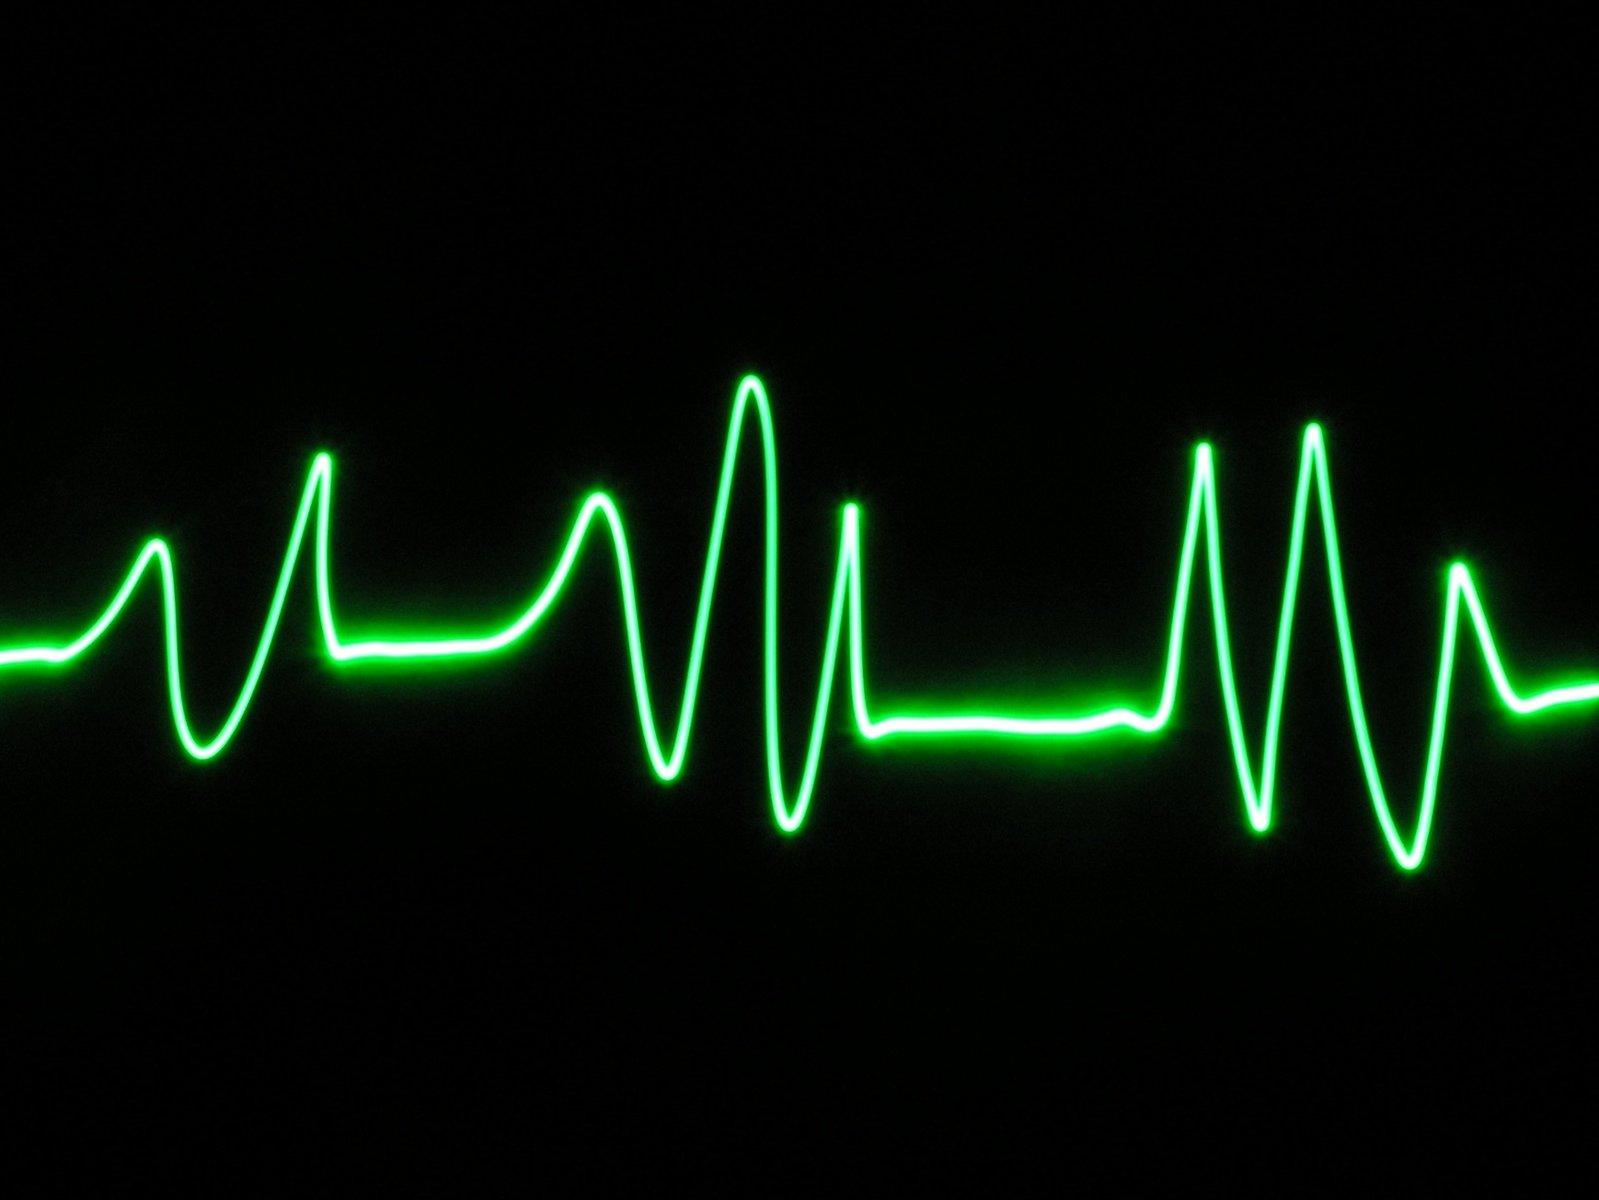 картинки сильное сердцебиение серии предусмотрены